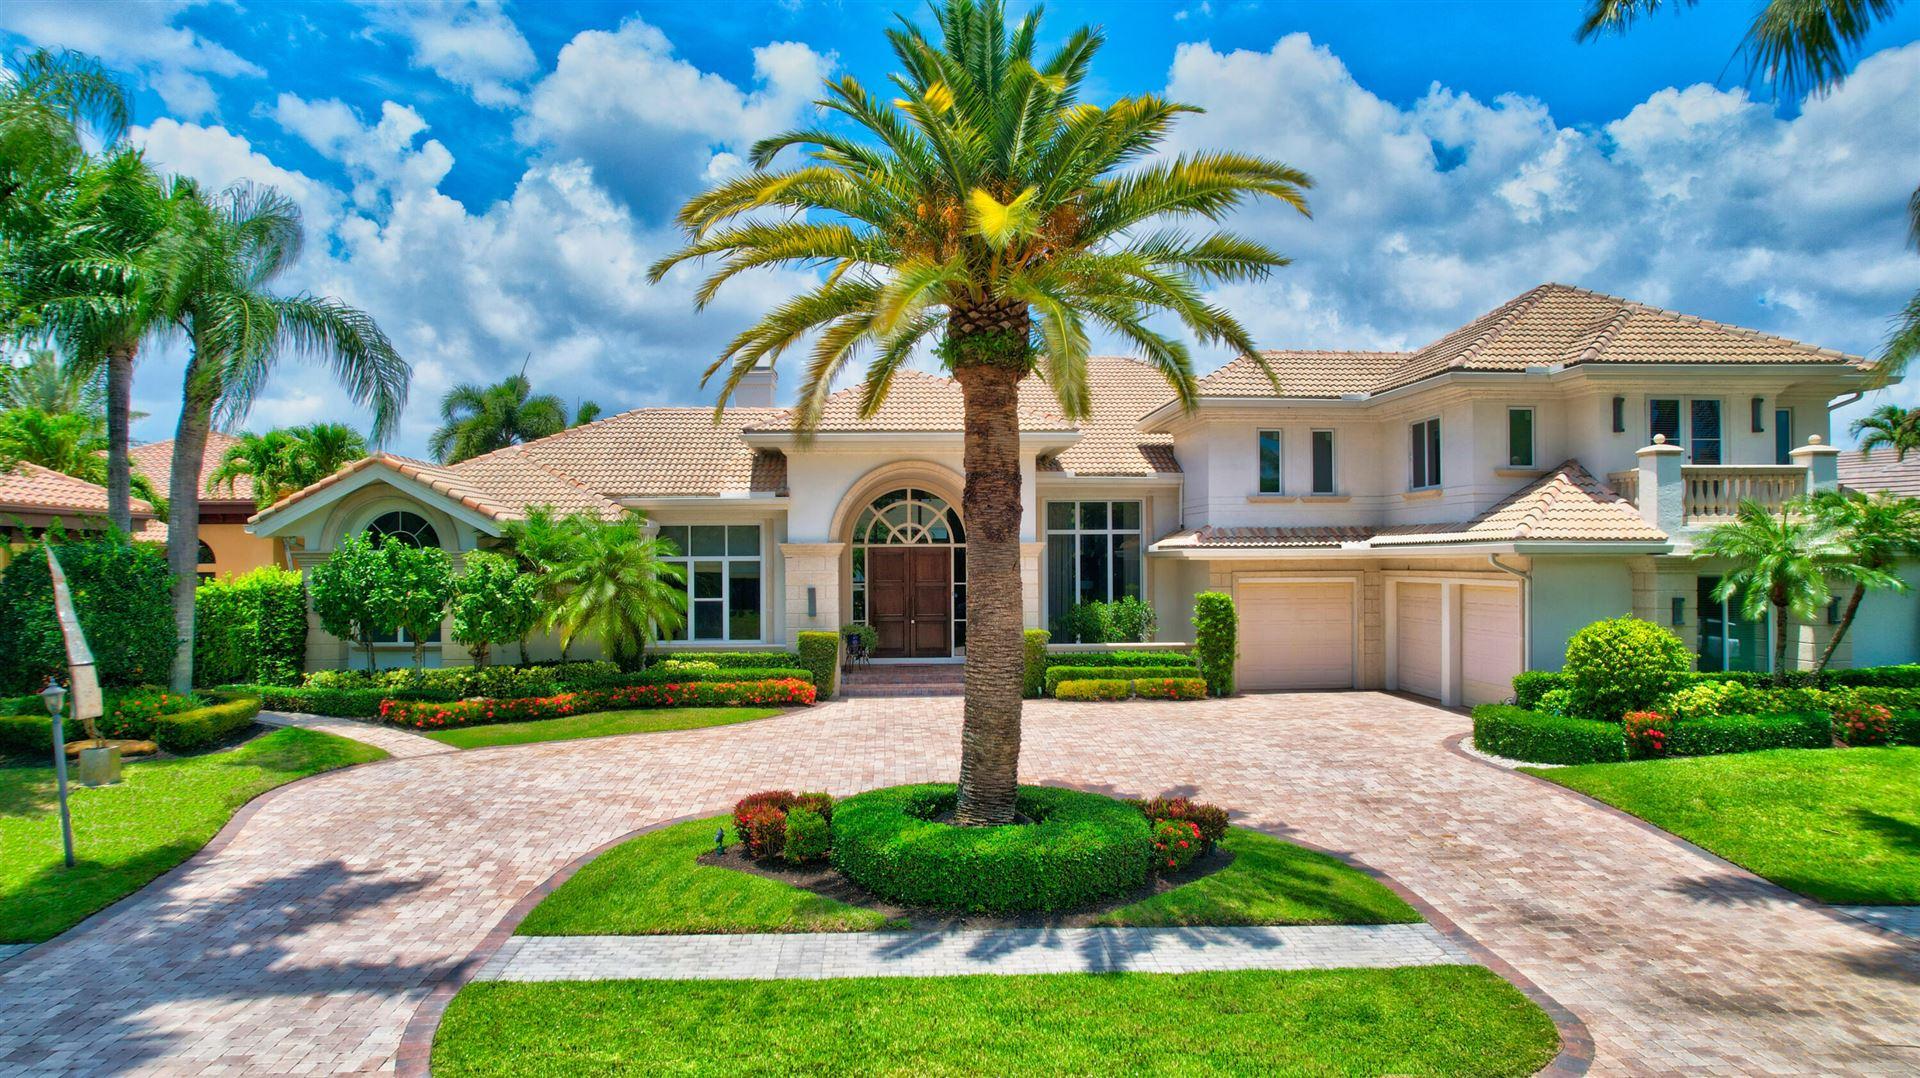 17855 Lake Estates Drive, Boca Raton, FL 33496 - #: RX-10720357